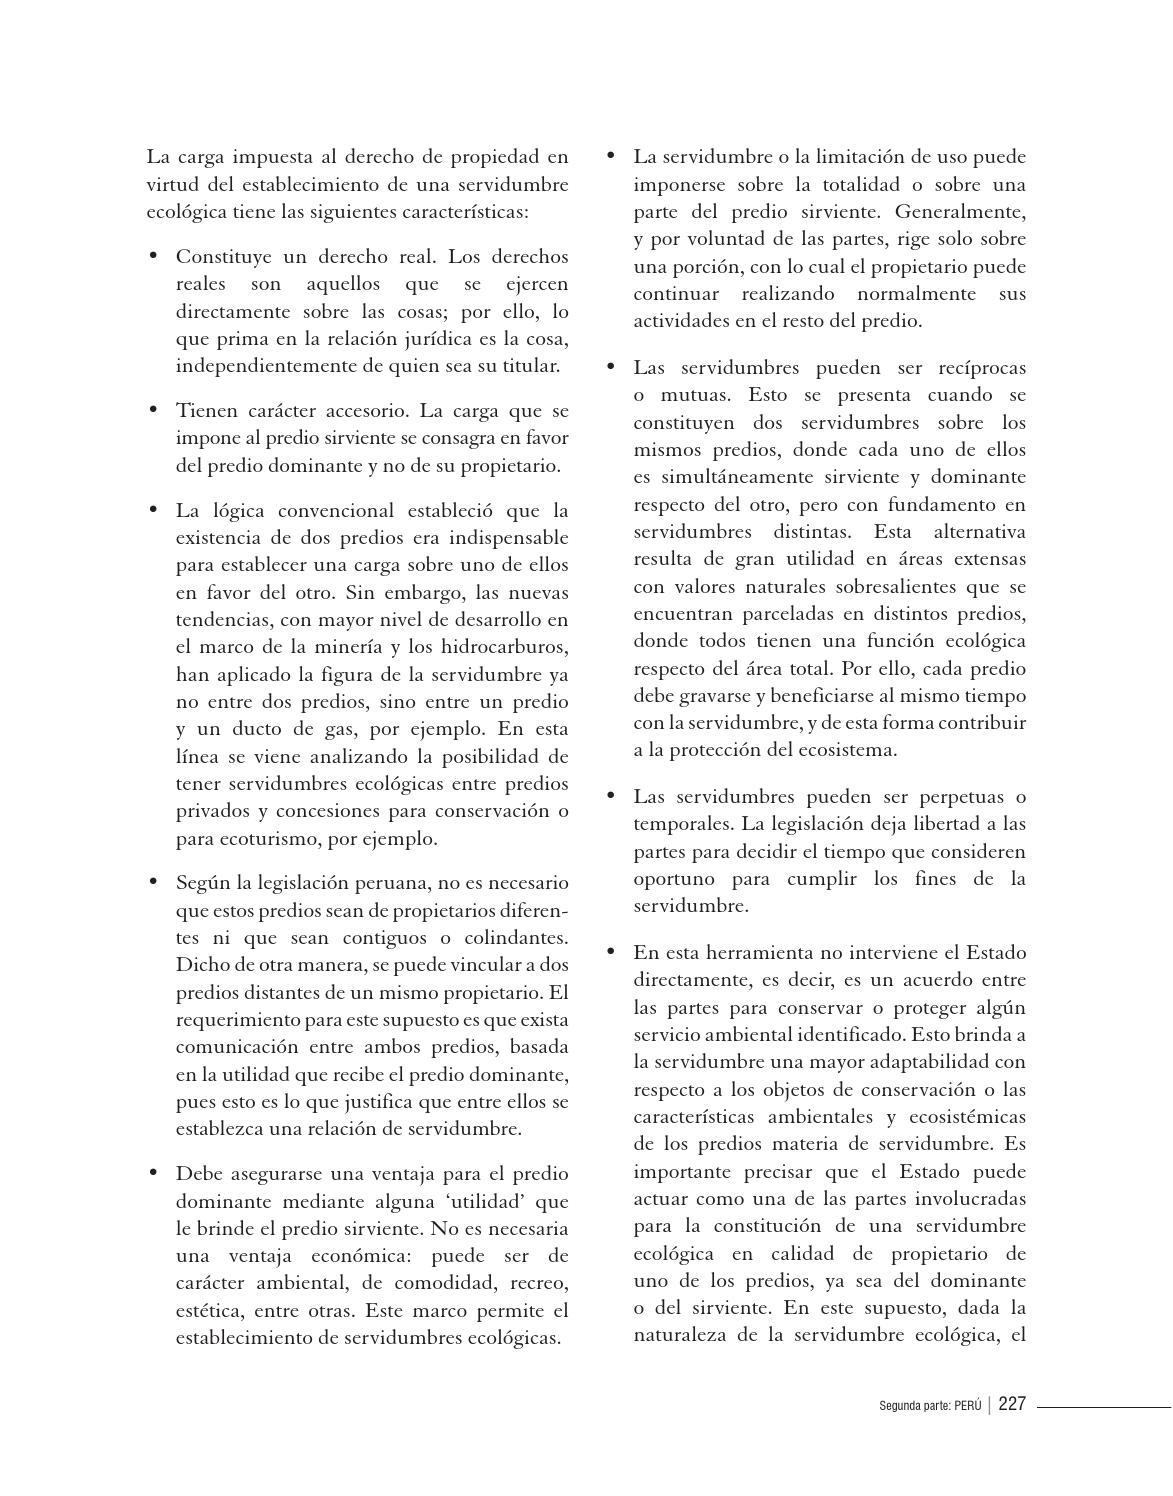 Conservacion privada y comunitaria en los países amazónicos by ...